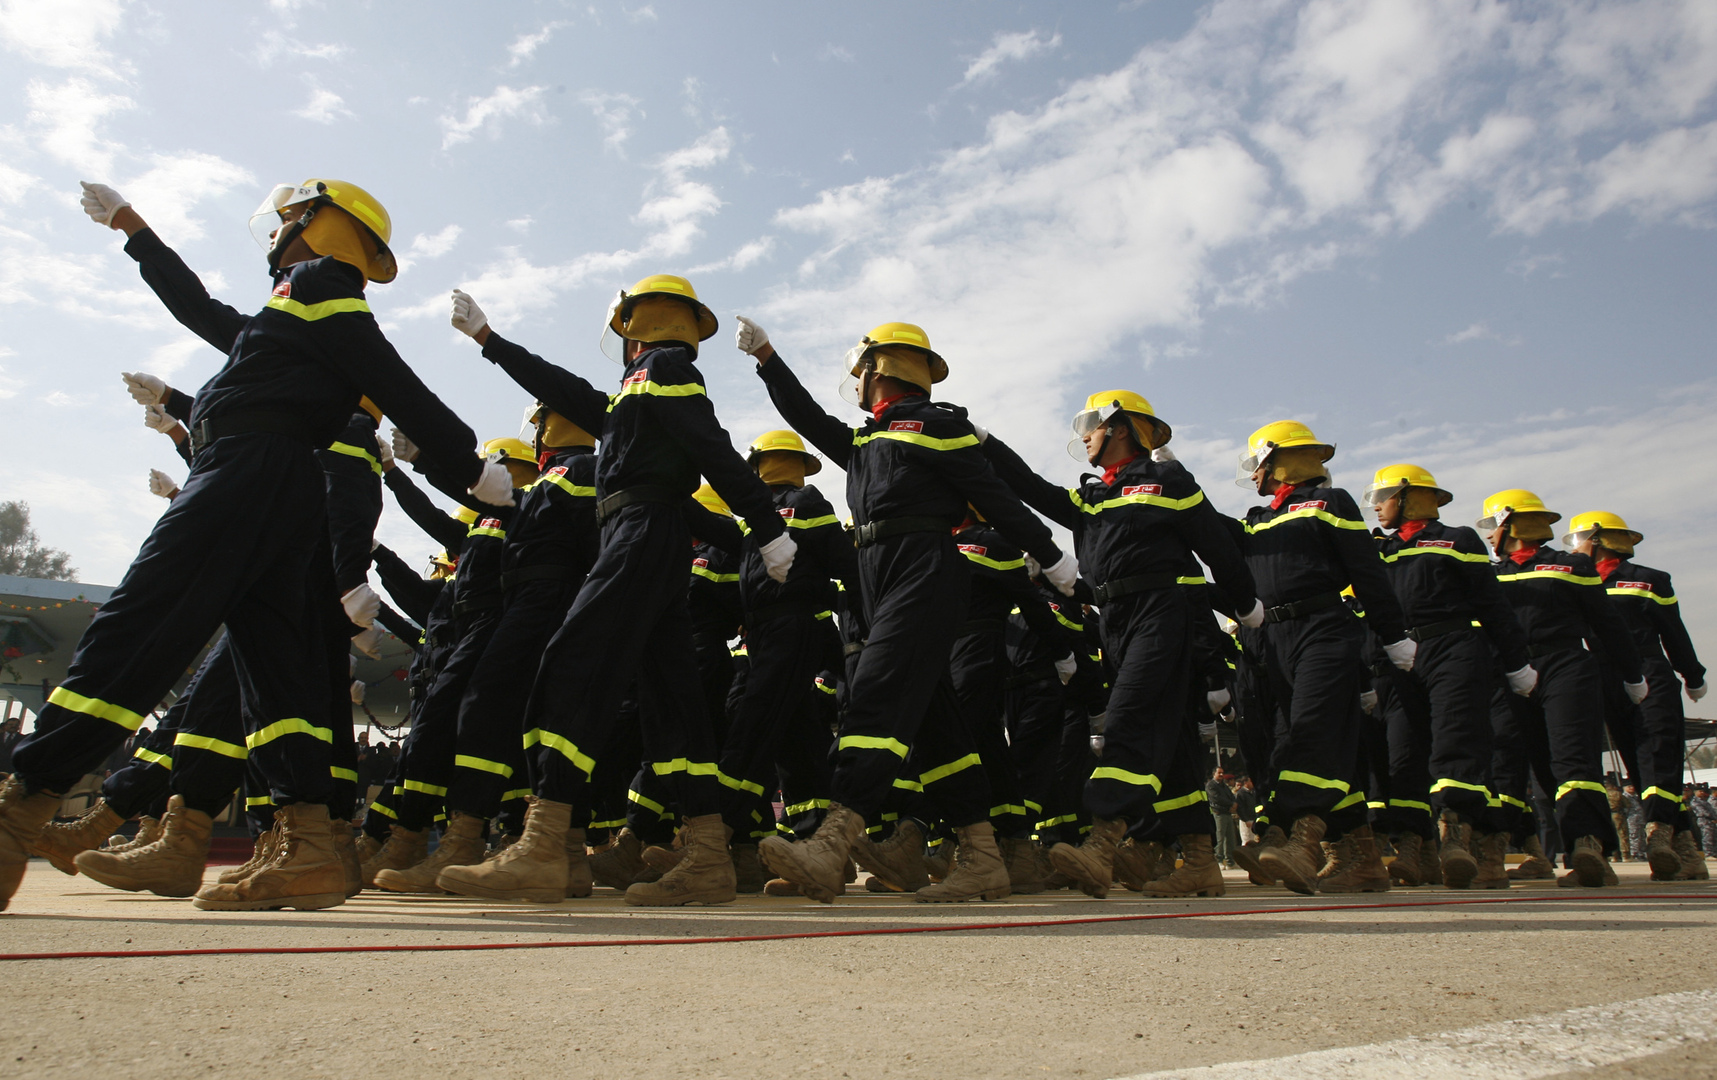 عناصر من فرق الإطفاء والإنقاذ العراقية